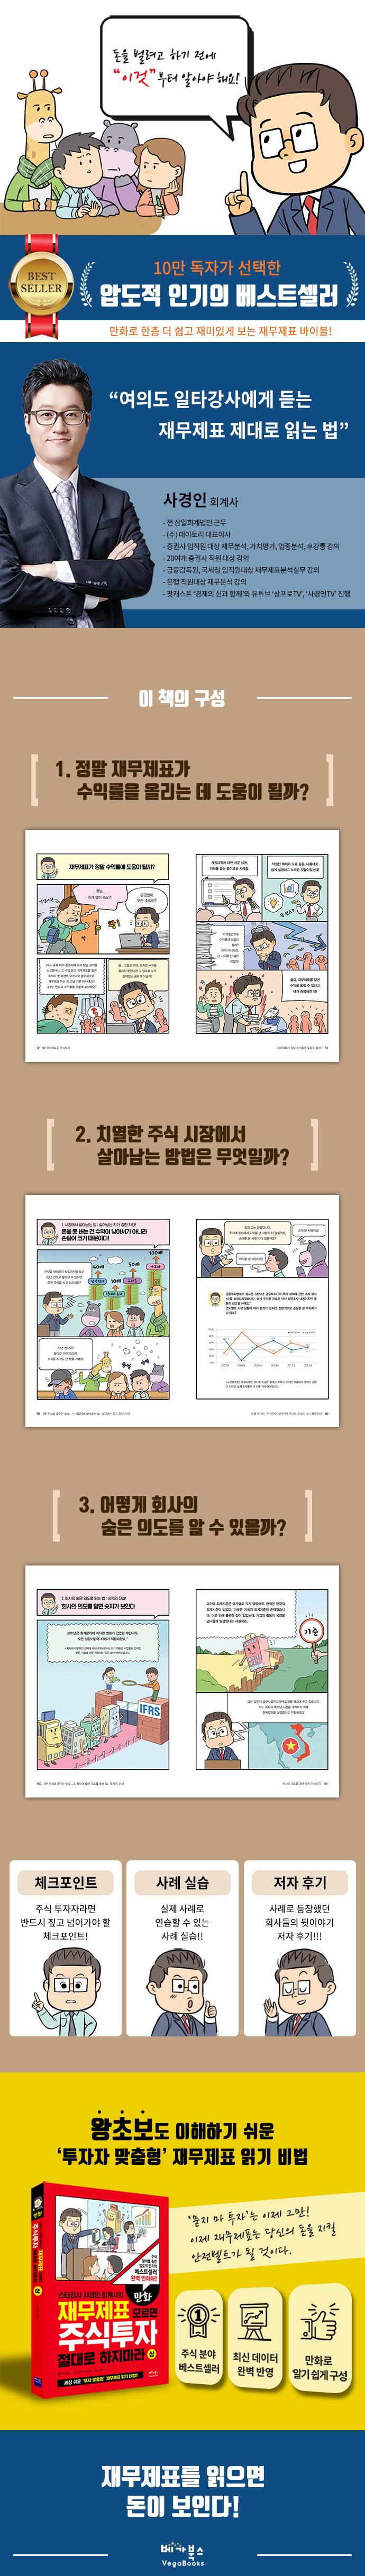 재무제표 모르면 주식투자 절대로 하지마라(상)(만화) 도서 상세이미지